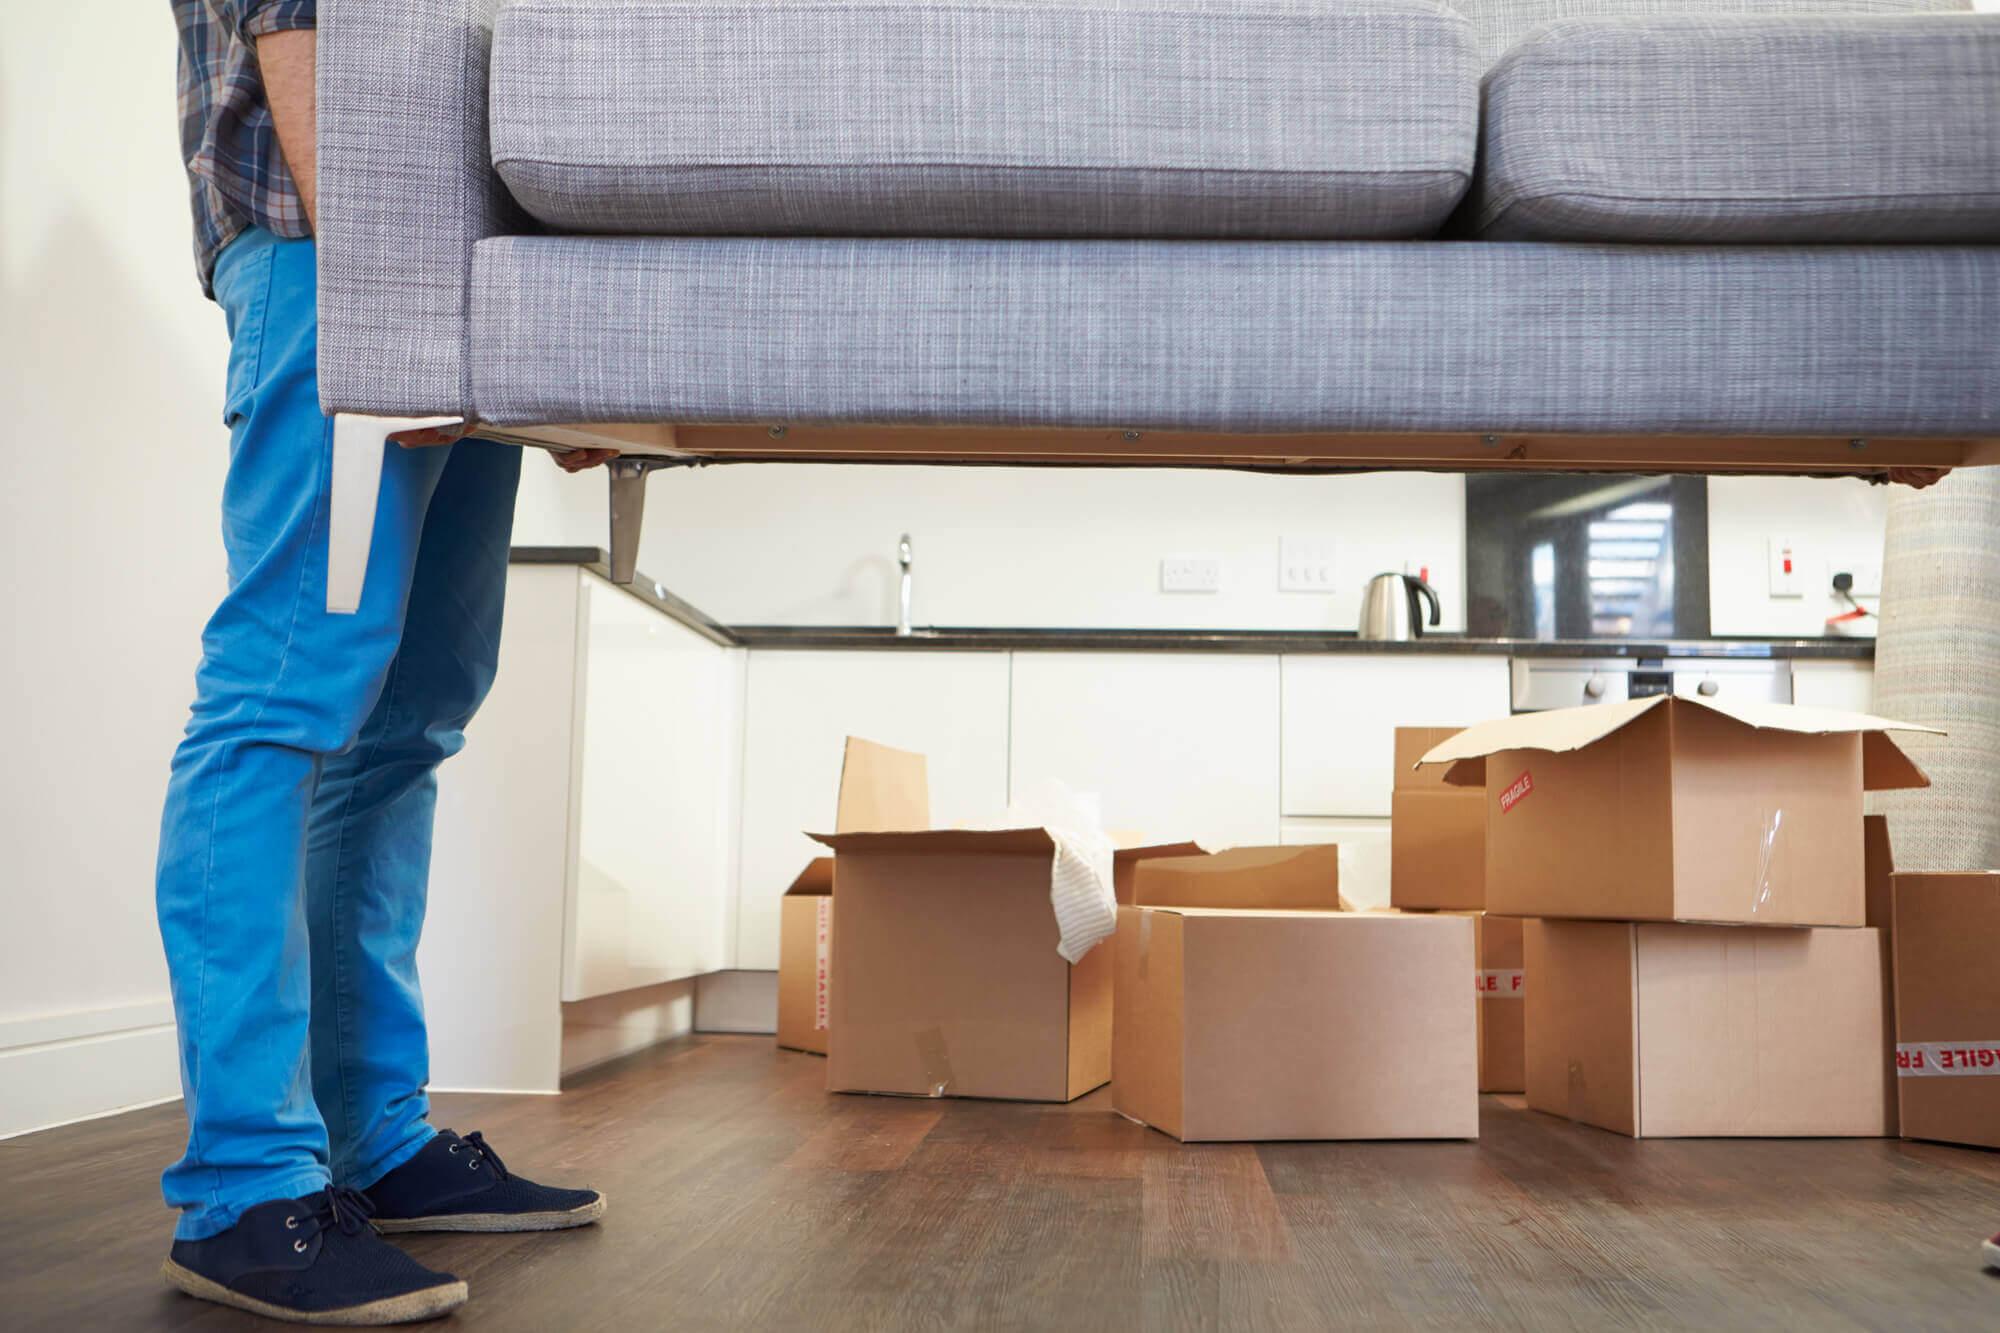 Homem de calça jeans carregando um sofá cinza e, ao fundo, caixas empilhadas